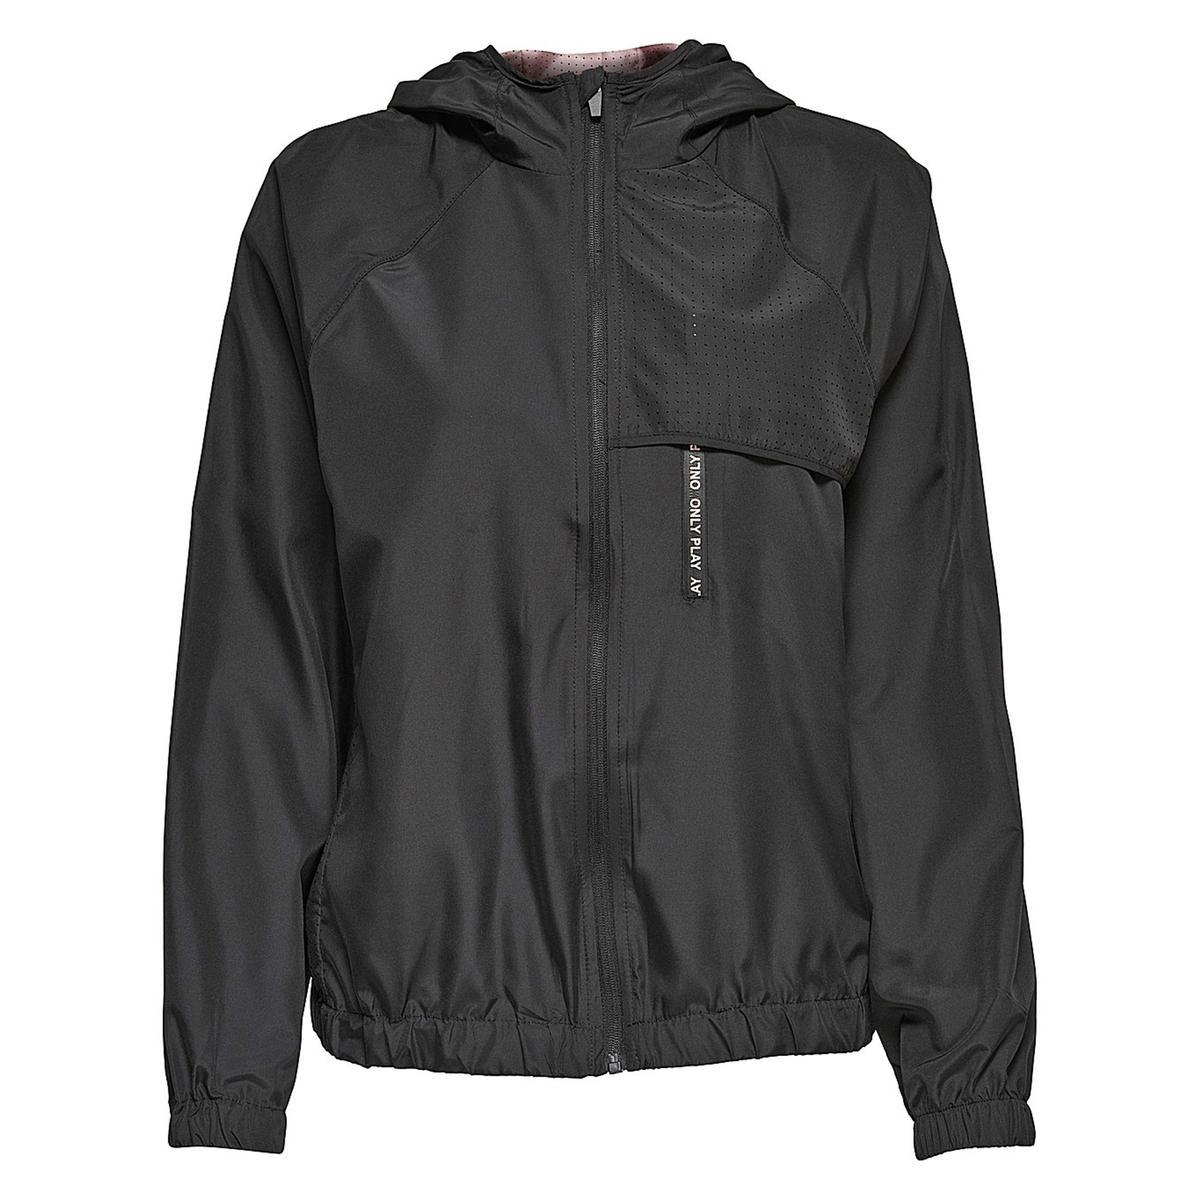 Куртка-ветровкаОписание:Детали •  Длина  : укороченная   •  Капюшон  •  Застежка на молниюСостав и уход •  100% полиэстер •  Следуйте рекомендациям по уходу, указанным на этикетке изделия<br><br>Цвет: розовый,черный